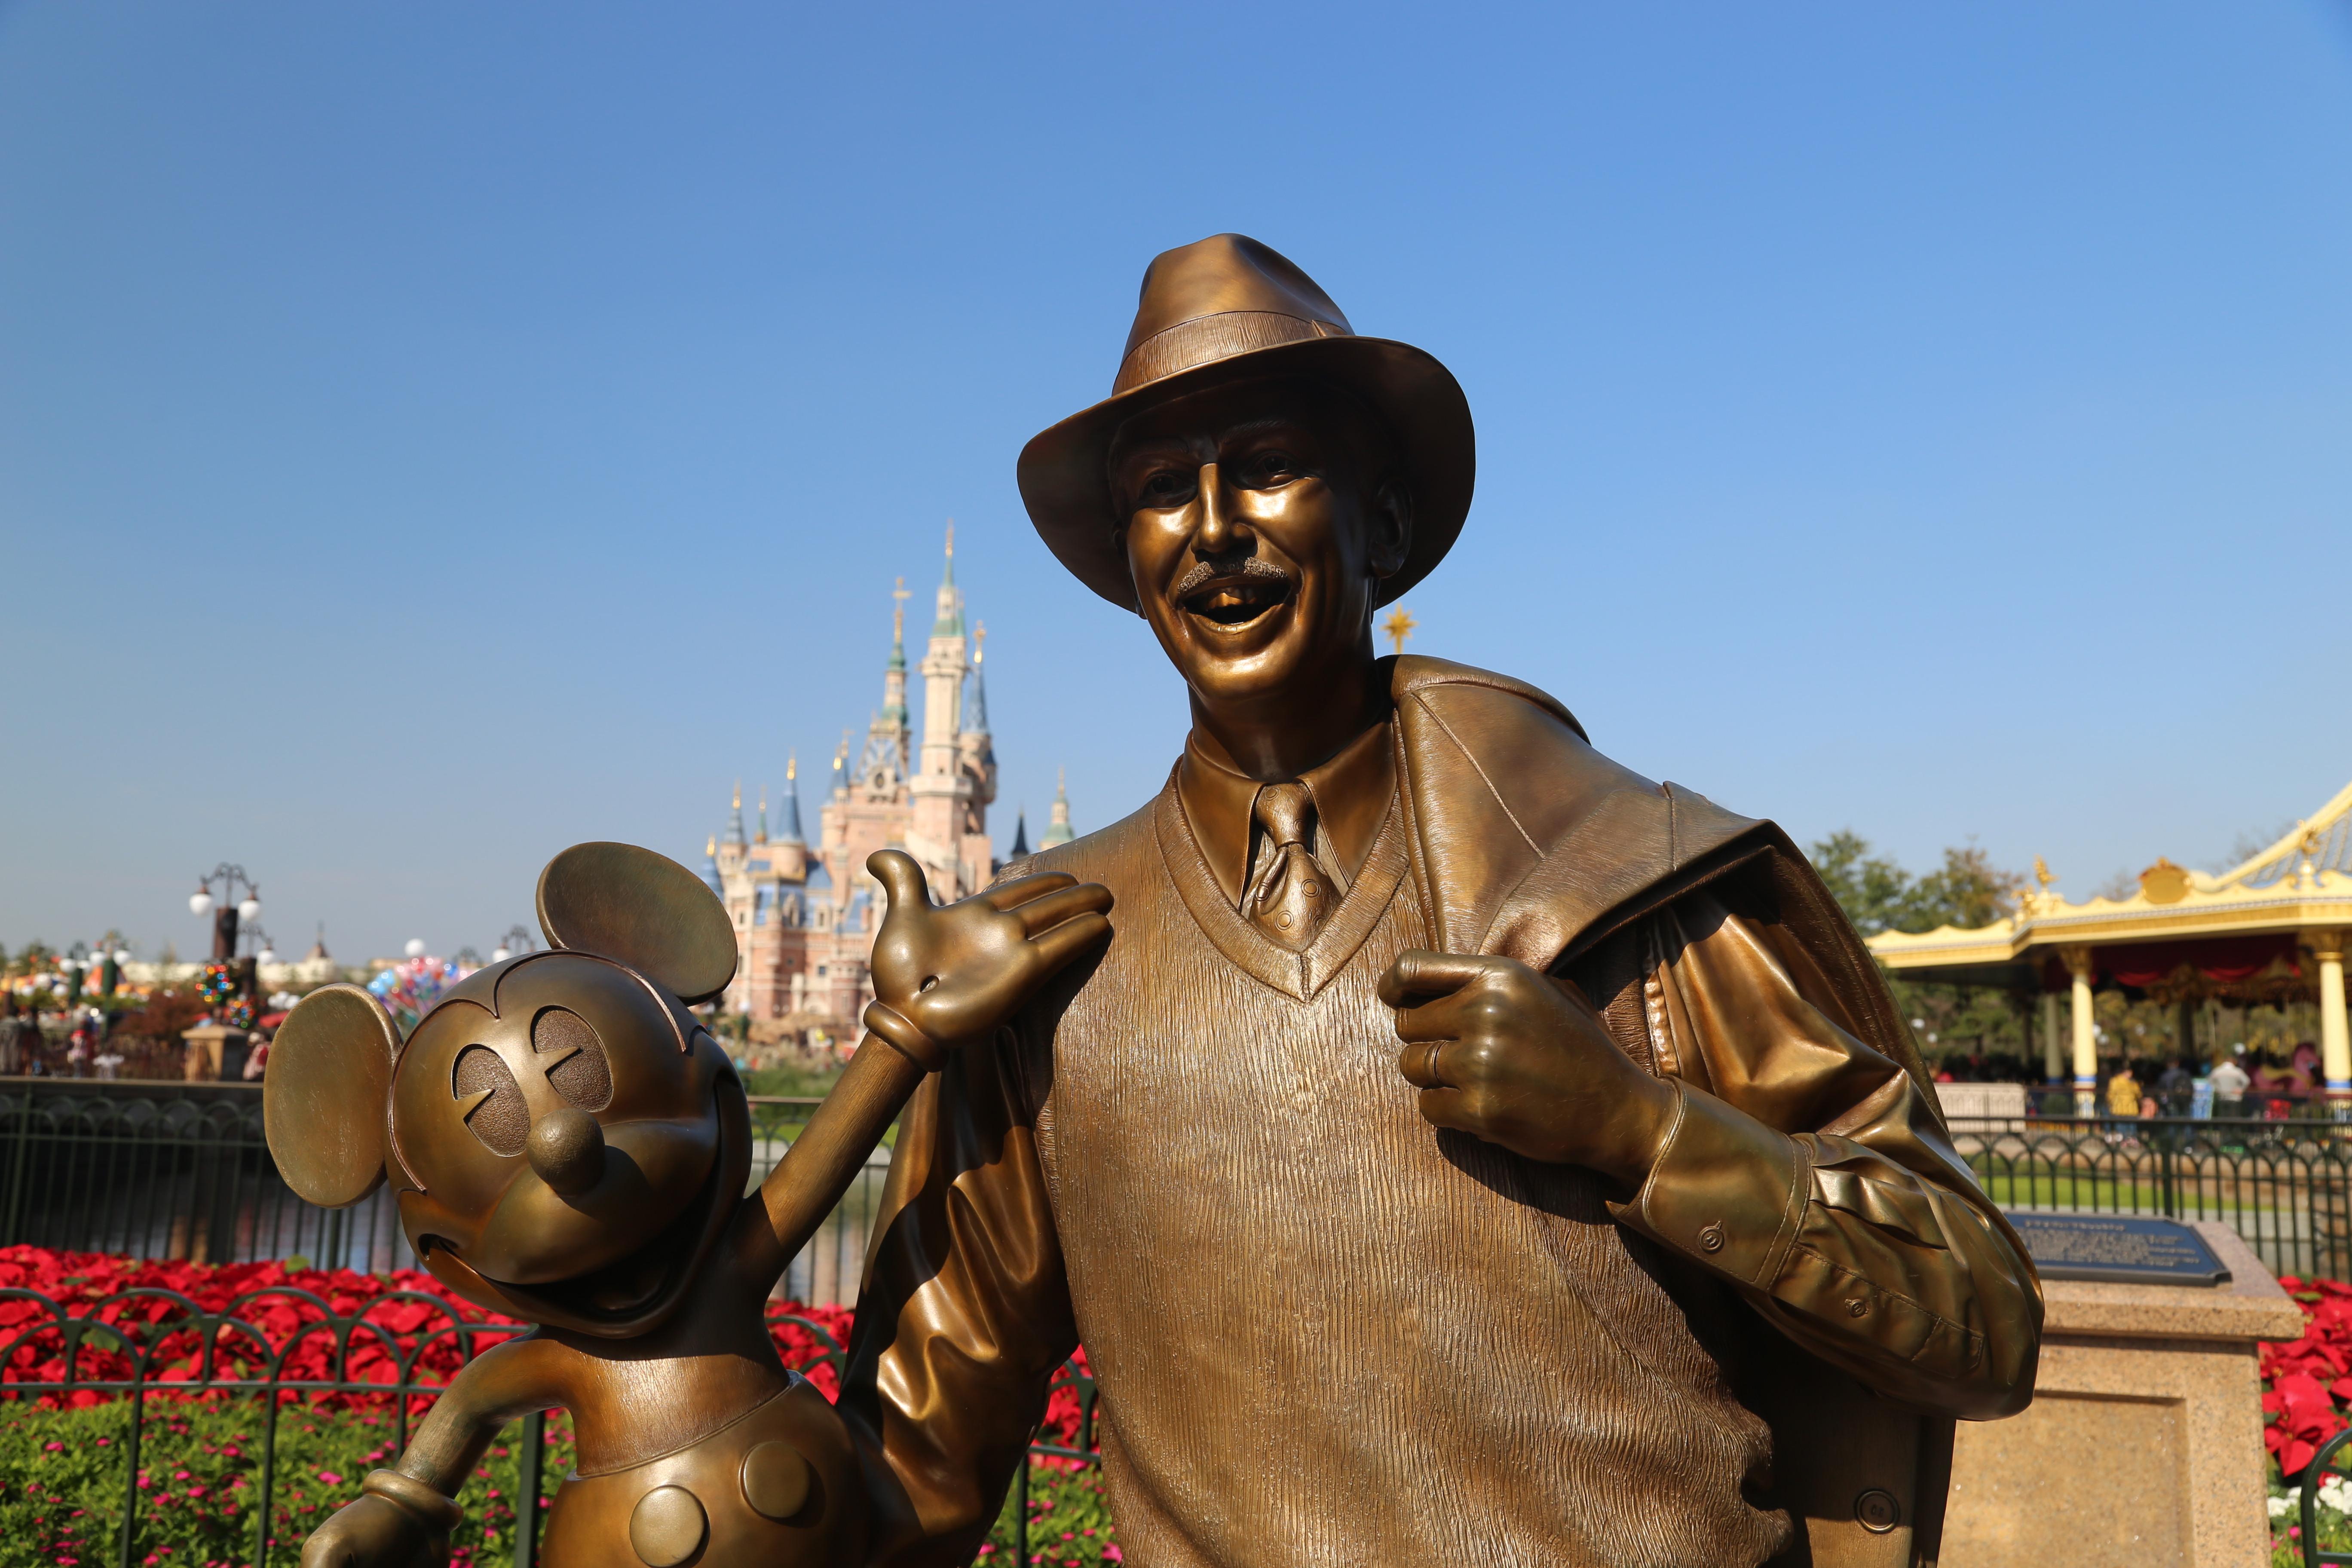 Storytellers Statue Wikipedia